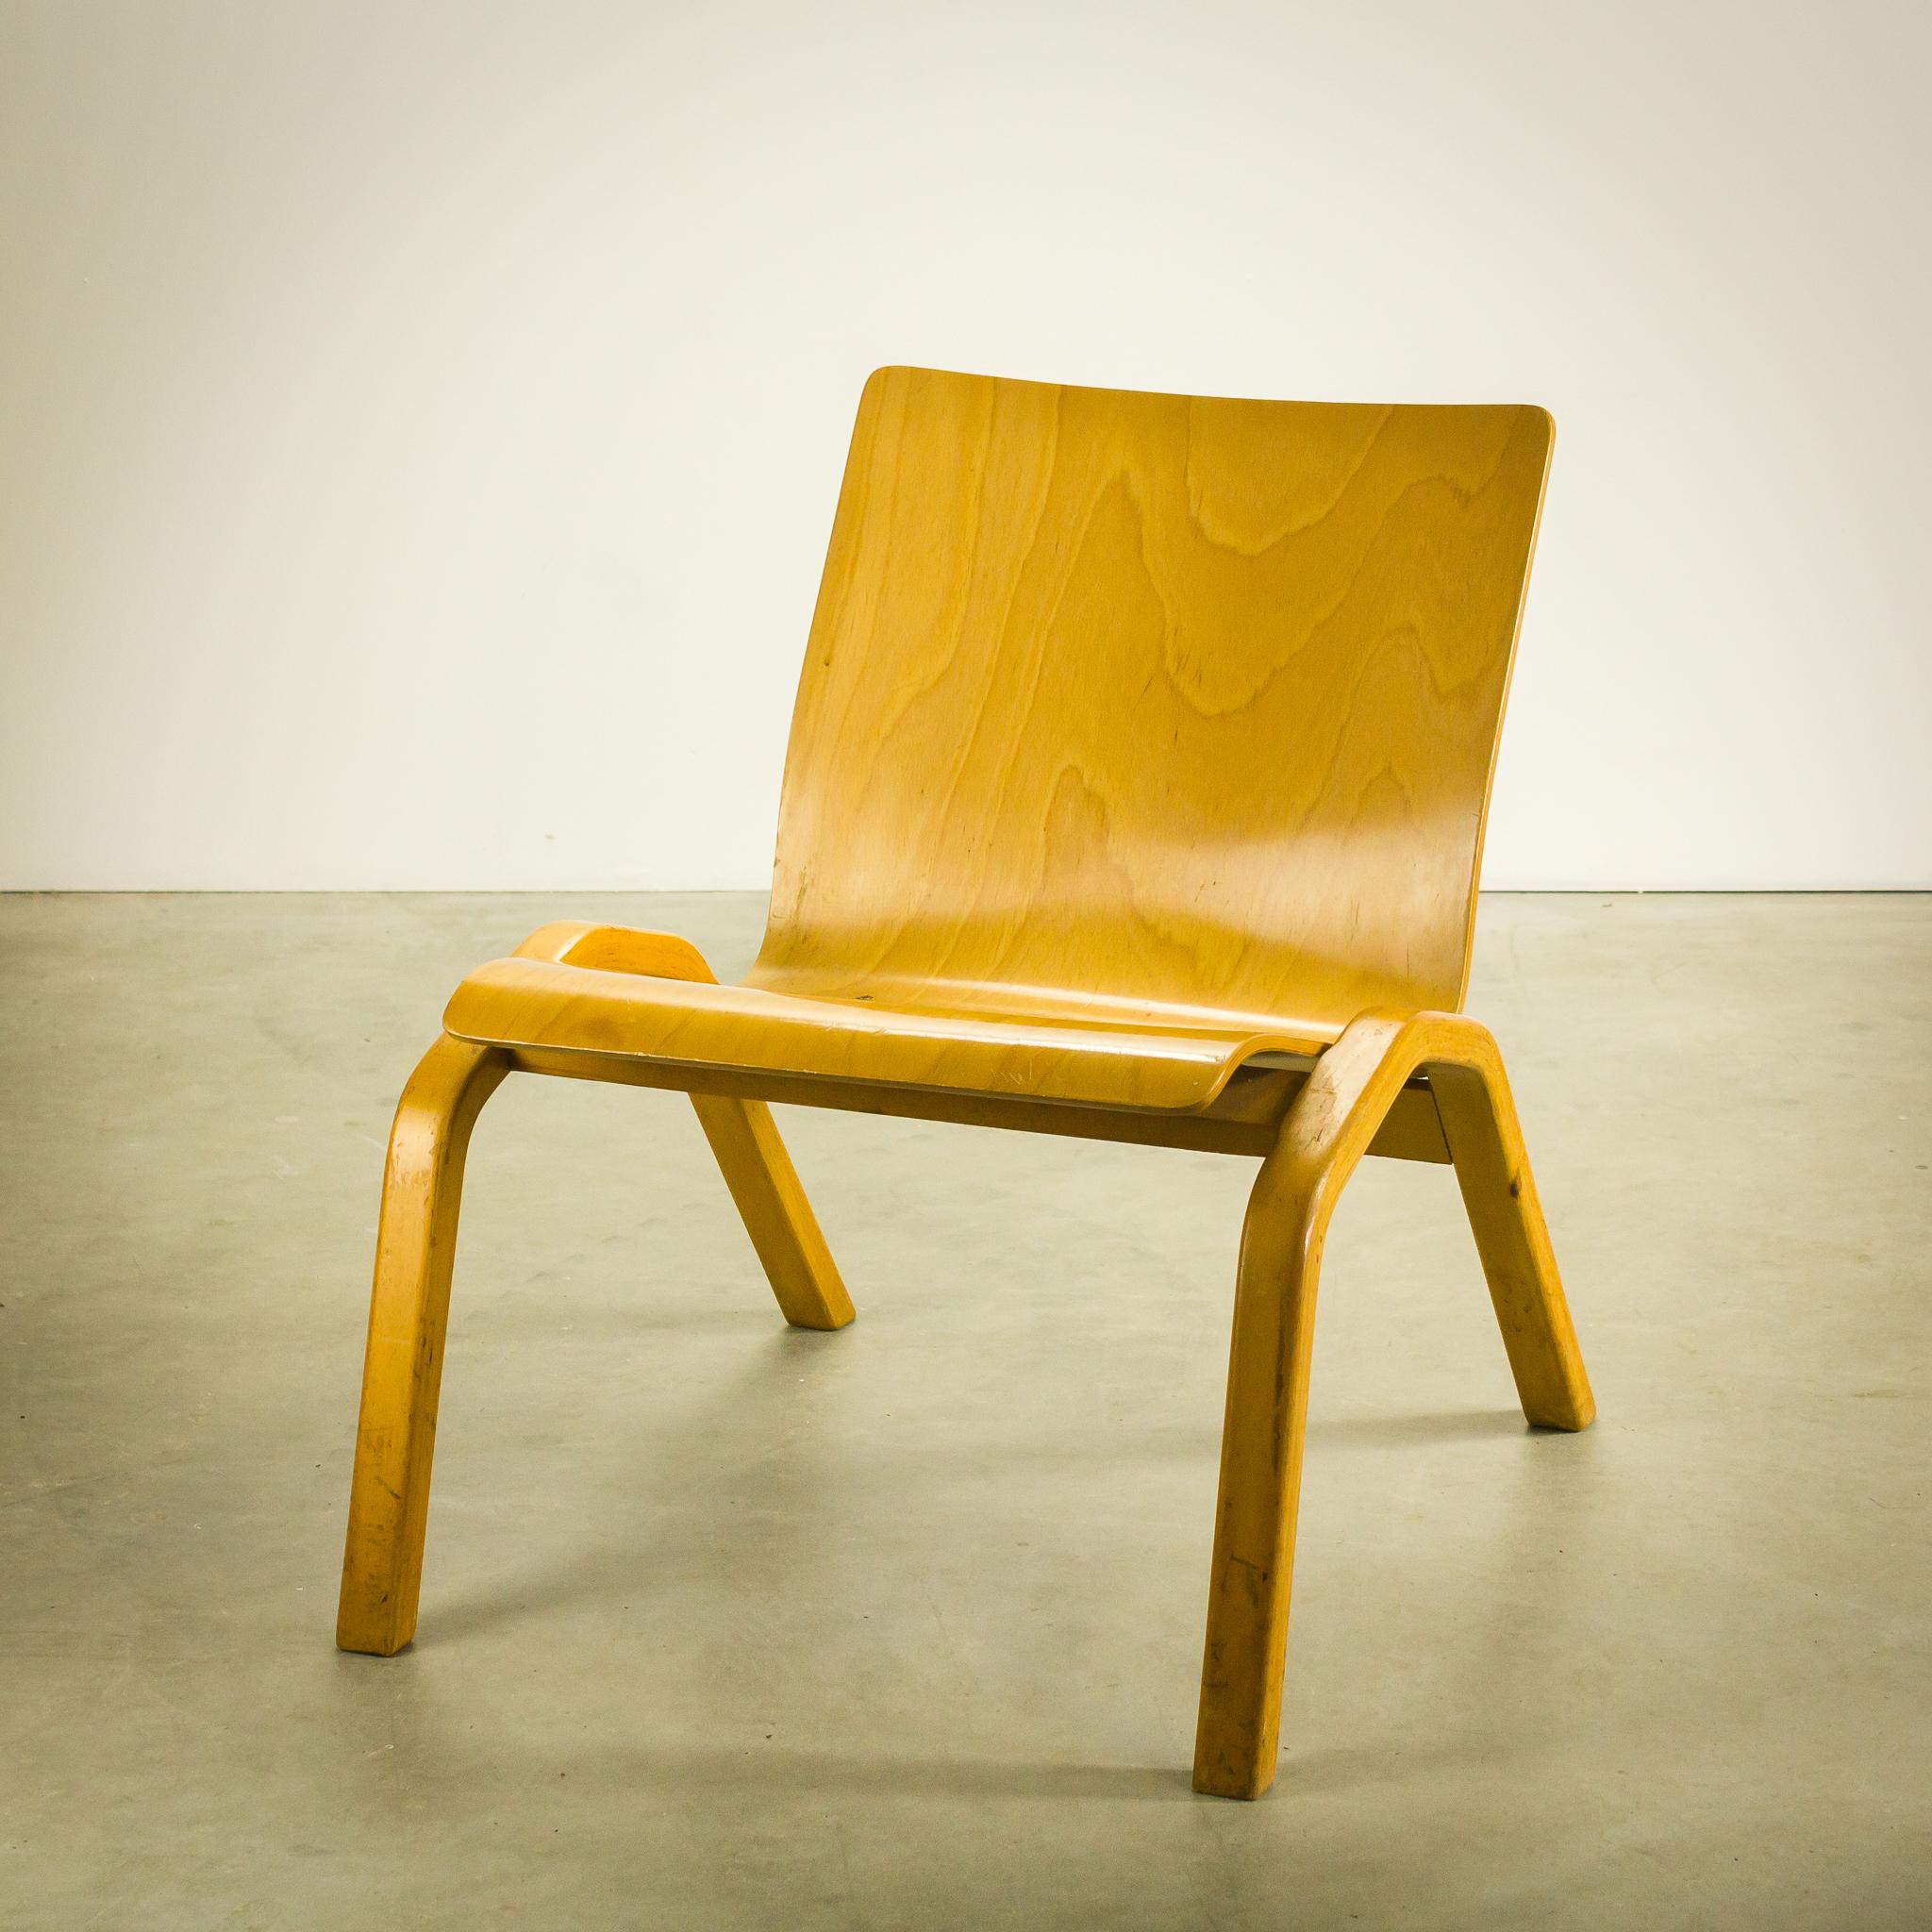 Wonderlijk 70's Deens design plywood fauteuil set/2   BarbMama HD-69